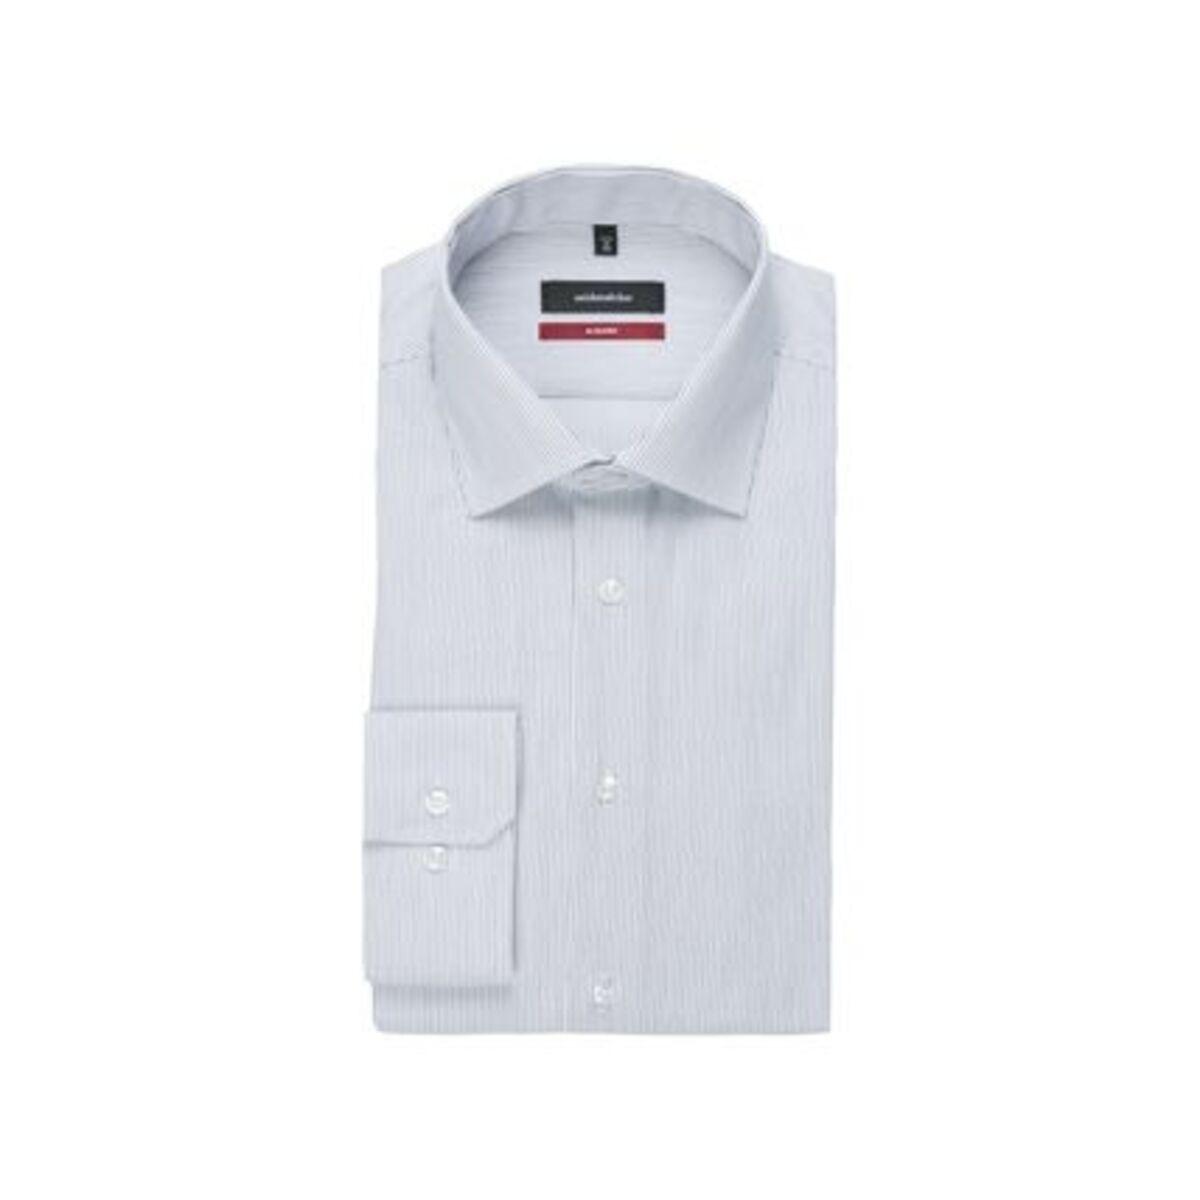 Bild 4 von Seidensticker Business Hemd Modern Langarm Kentkragen Streifen, blau, 38, 38